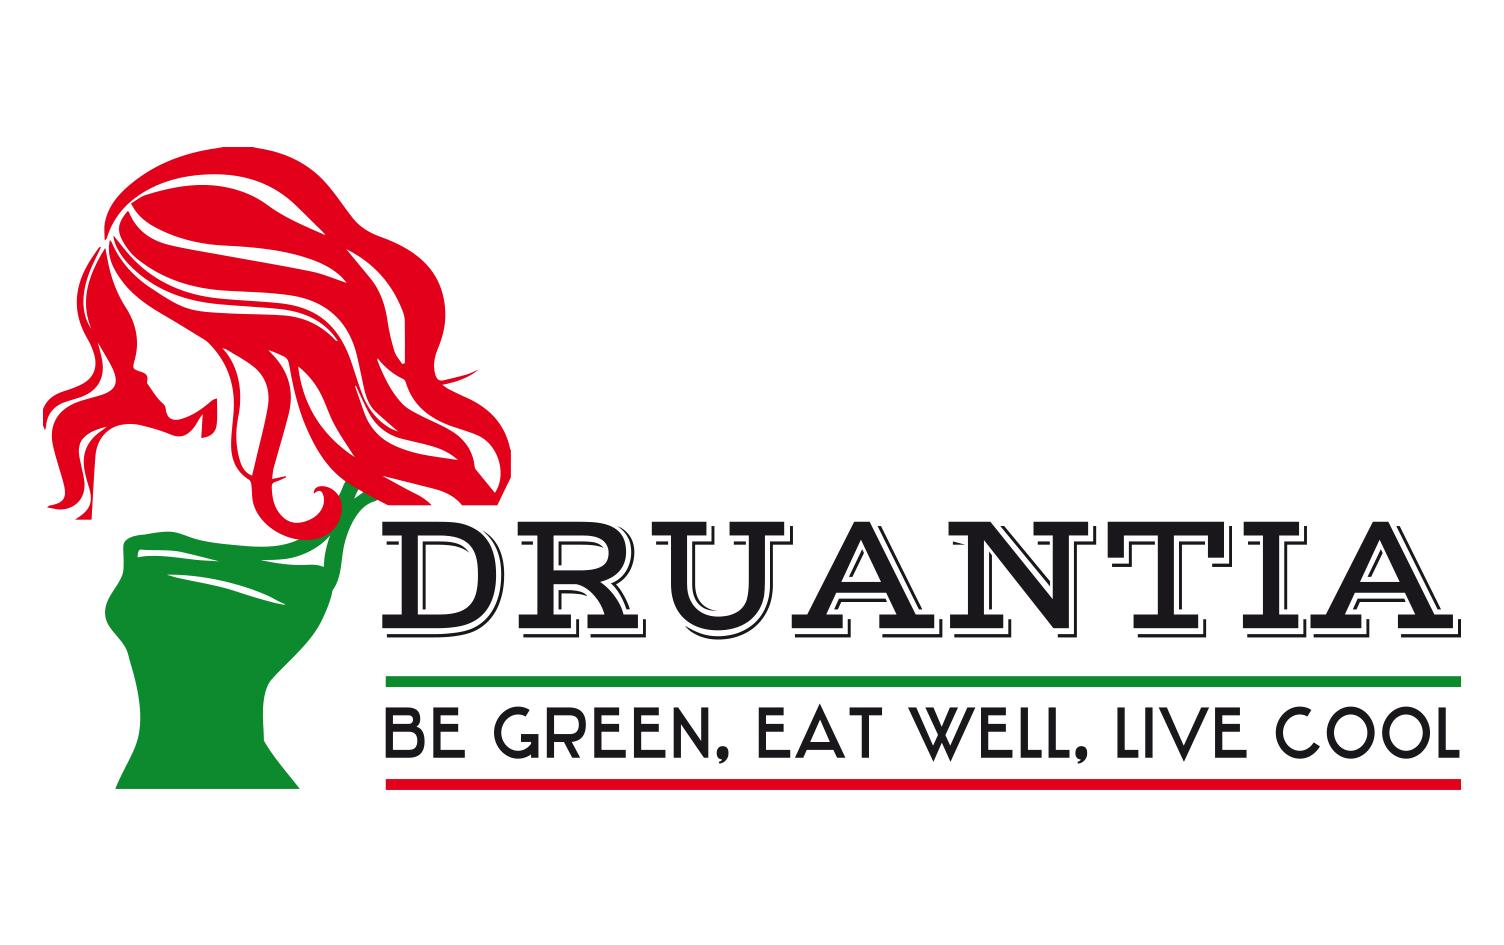 Chi è Druantia?